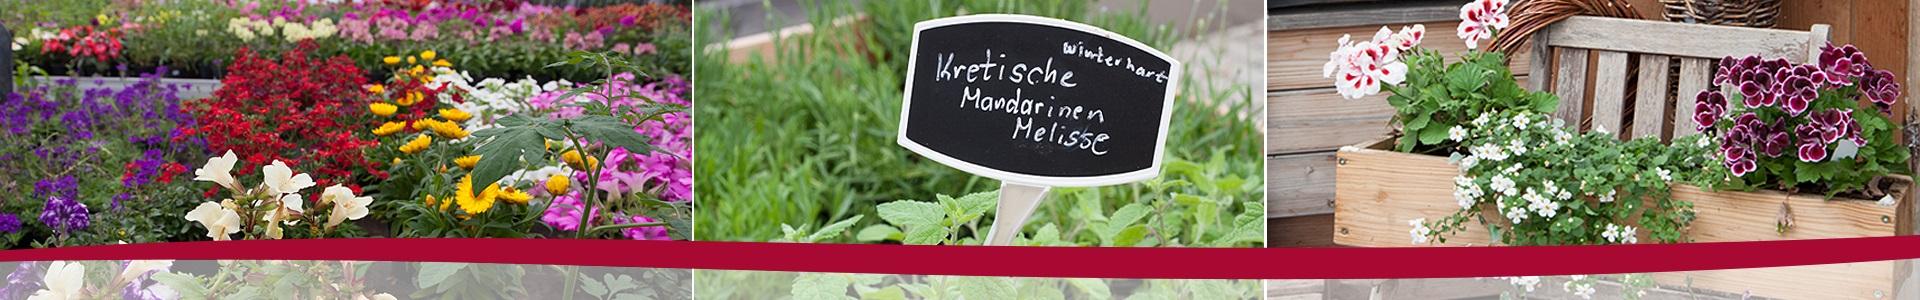 Kloster Maria Bildhausen - 39-Slider5.jpg